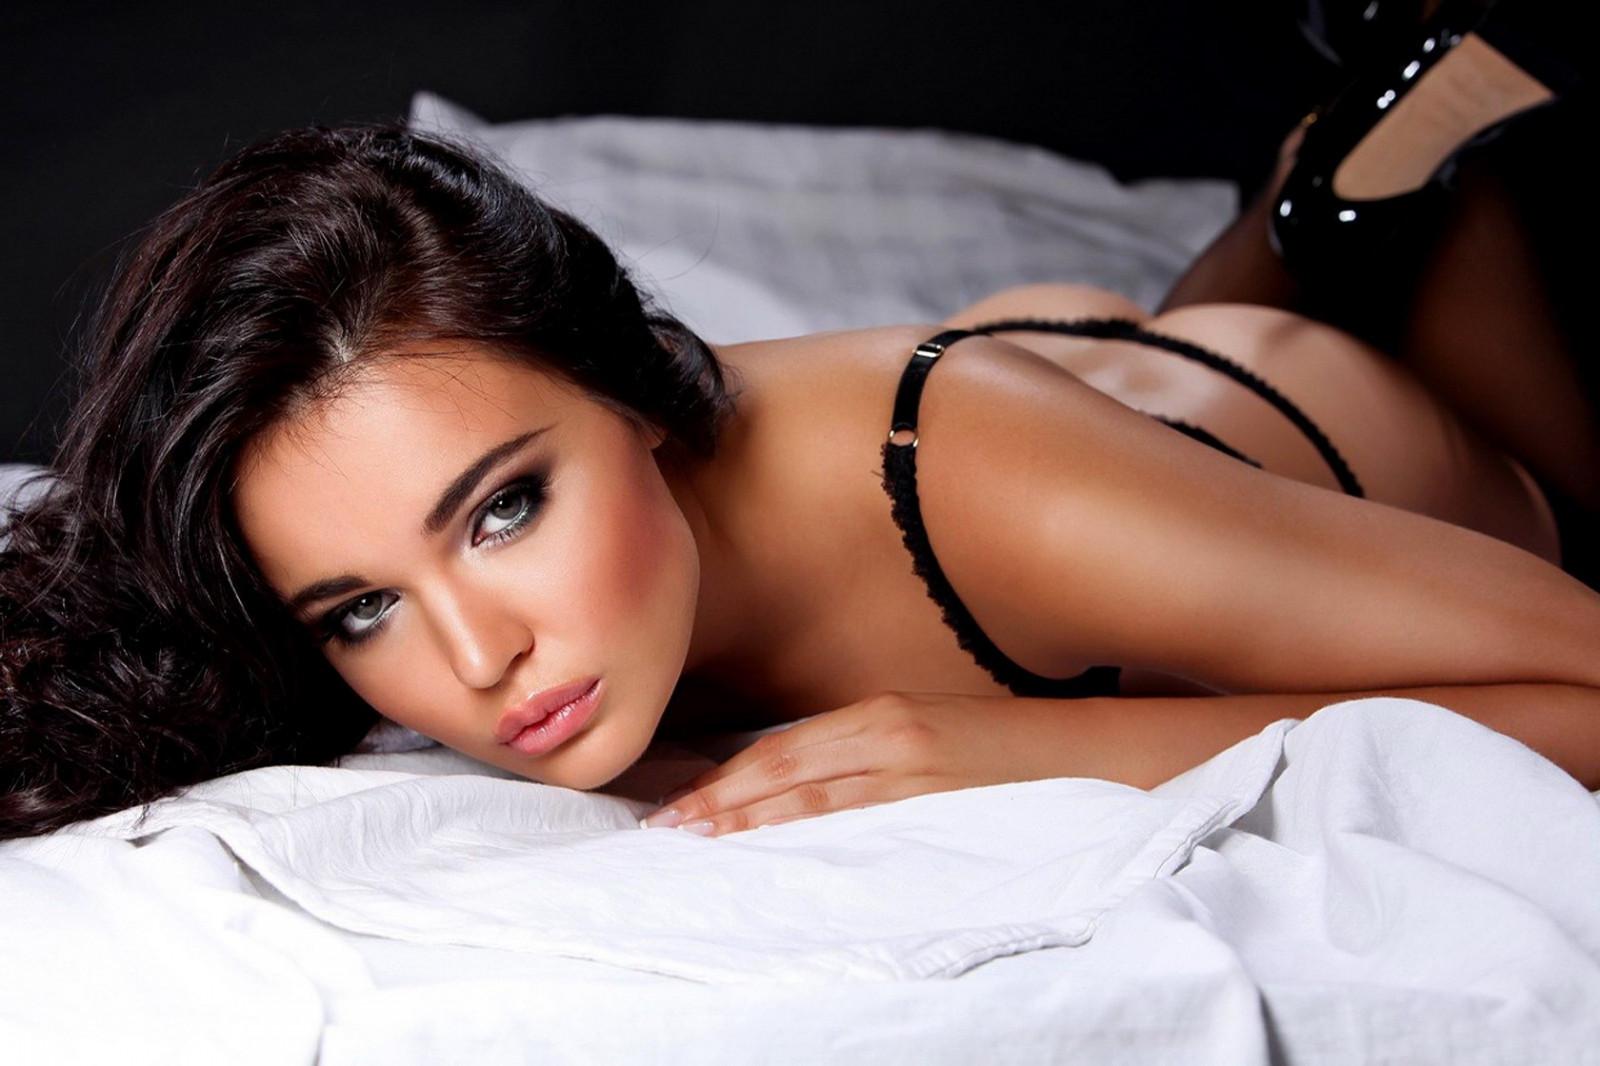 Телки самые сексуальные, Порно видео с красивыми и миловидными девушками 13 фотография